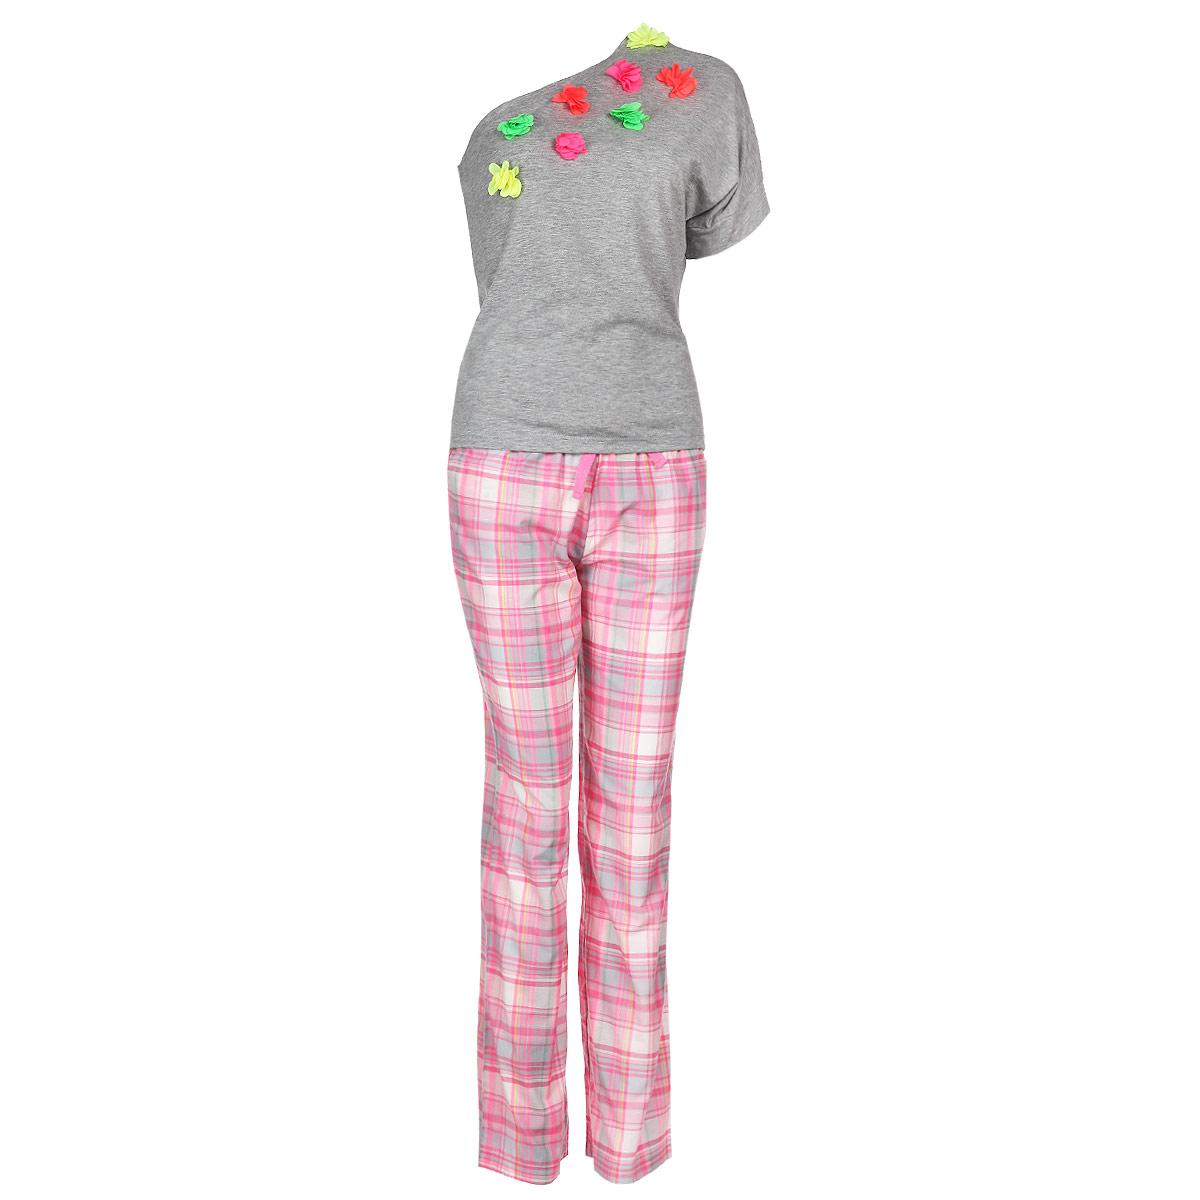 Пижама женская. 62506250Женская пижама Milana Style состоит из футболки с коротким рукавом и брюк. Пижама выполнена из приятного на ощупь хлопкового материала. Футболка и брюки не сковывают движения и позволяют коже дышать. Футболка свободного кроя с ассиметричным вырезом на одно плечо спереди оформлена аппликацией в виде ярких текстильных цветов. Прямые свободные брюки на широкой эластичной резинке оформлены клетчатым принтом, на талии дополнены затягивающимся шнурком и по бокам имеют два втачных кармана с косыми срезами. Идеальные конструкции и приятное цветовое решение - отличный выбор на каждый день. В такой пижаме вам будет максимально комфортно и уютно.